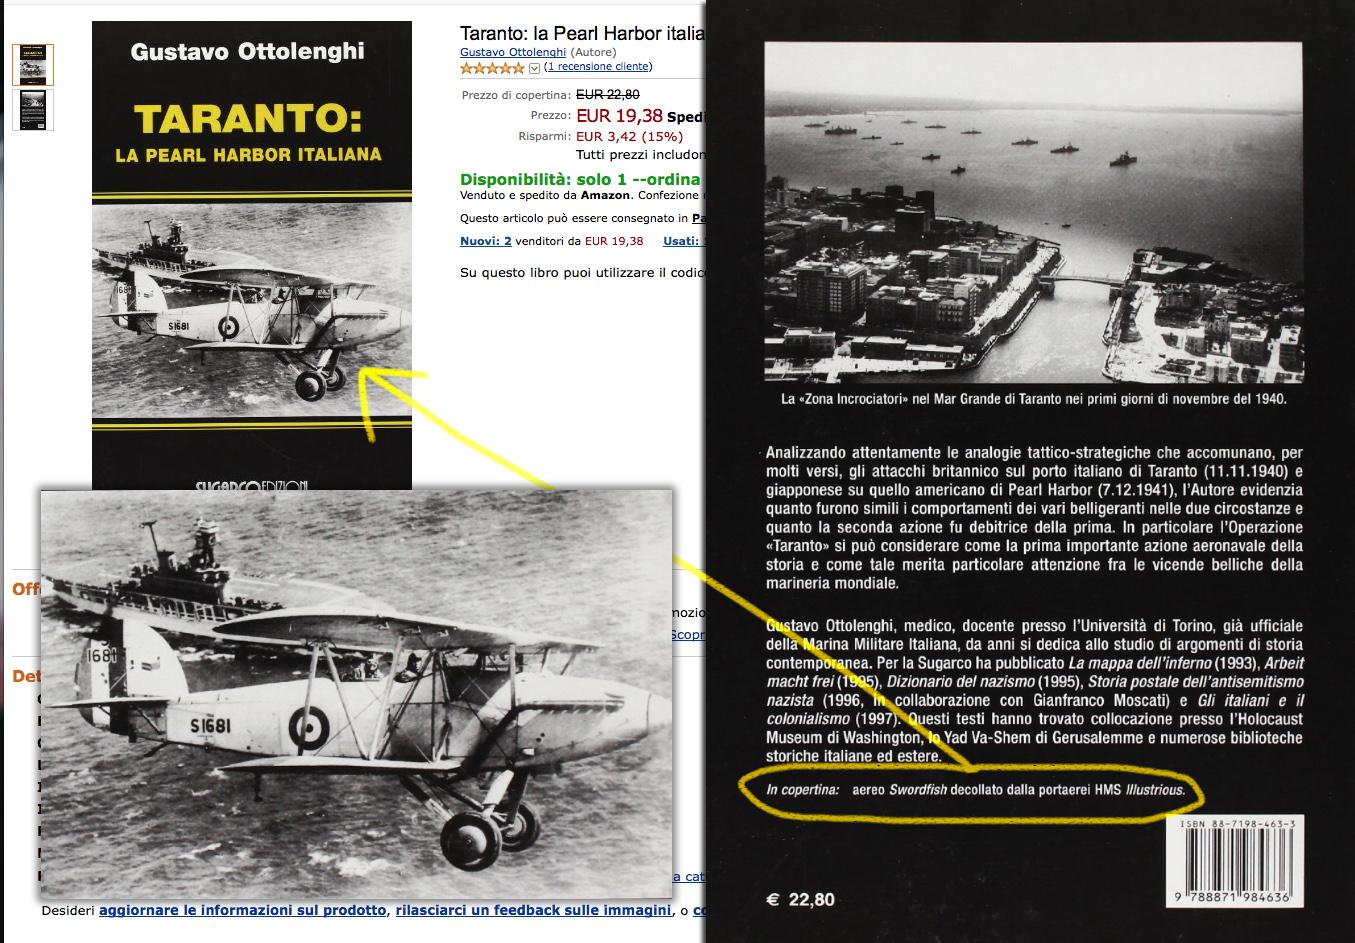 Het boek van Gustavo Ottolenghi geafficheerd bij de Italiaanse Amazon. De achterflap toont niet het juiste toestel noch het juiste schip (Collage van schermopnames door H.J. Lirb)